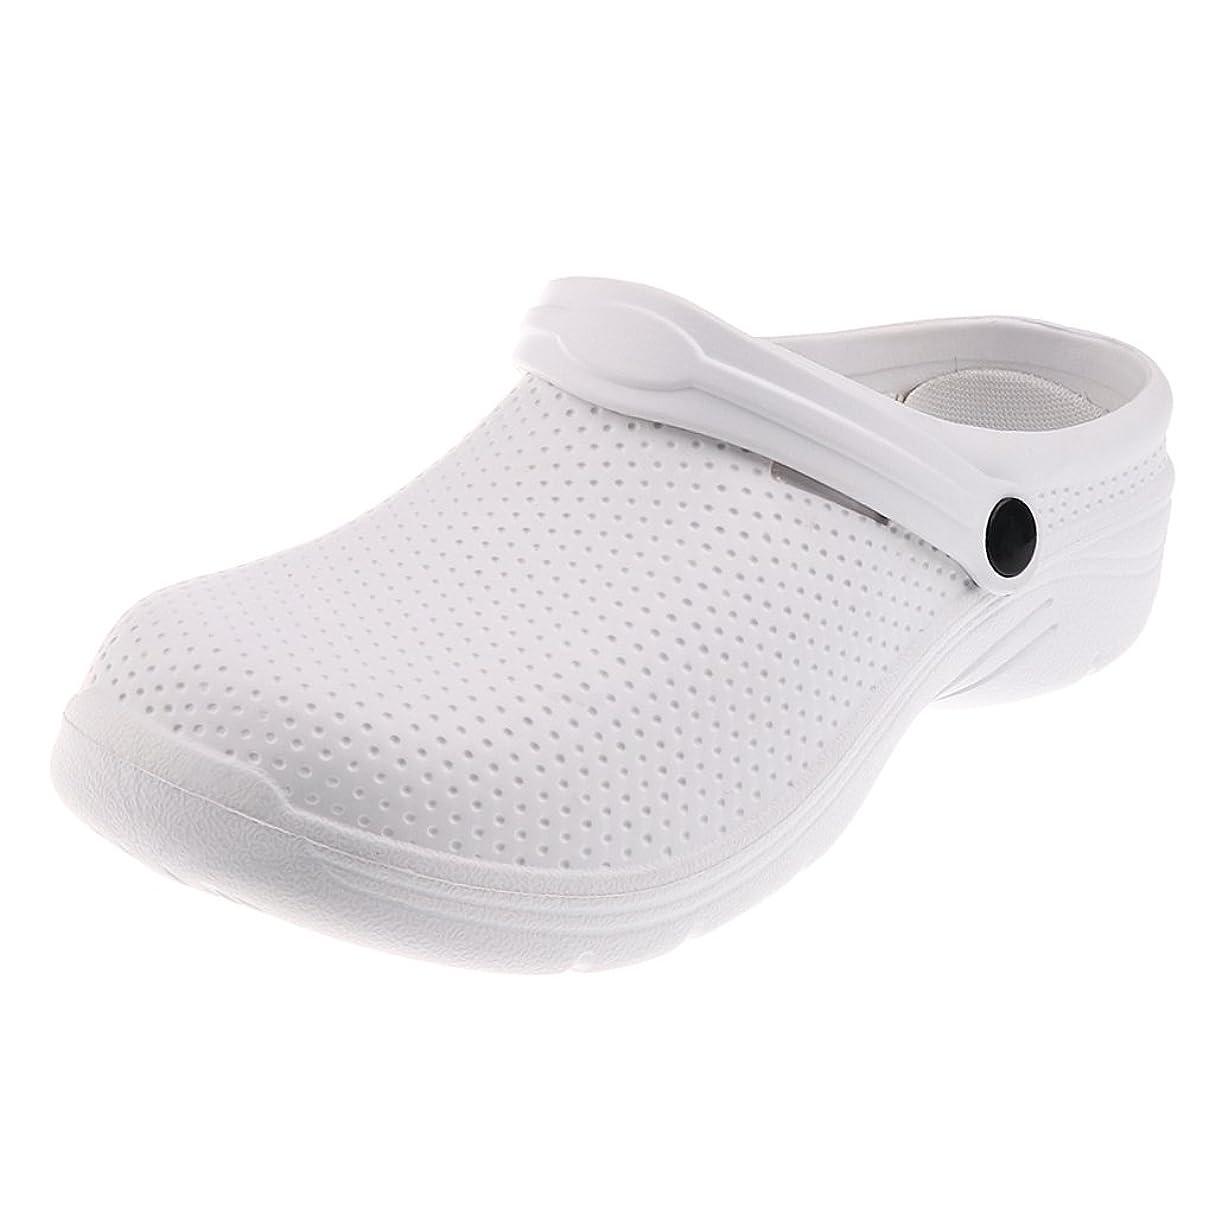 絶え間ない所得一流Prettyia プロ 仕事 職業用 安全靴 作業靴 ワークシューズ 男女用 ベント付き 滑り止め 衝撃吸収 通気 抗菌 全2色5サイズ選ぶ